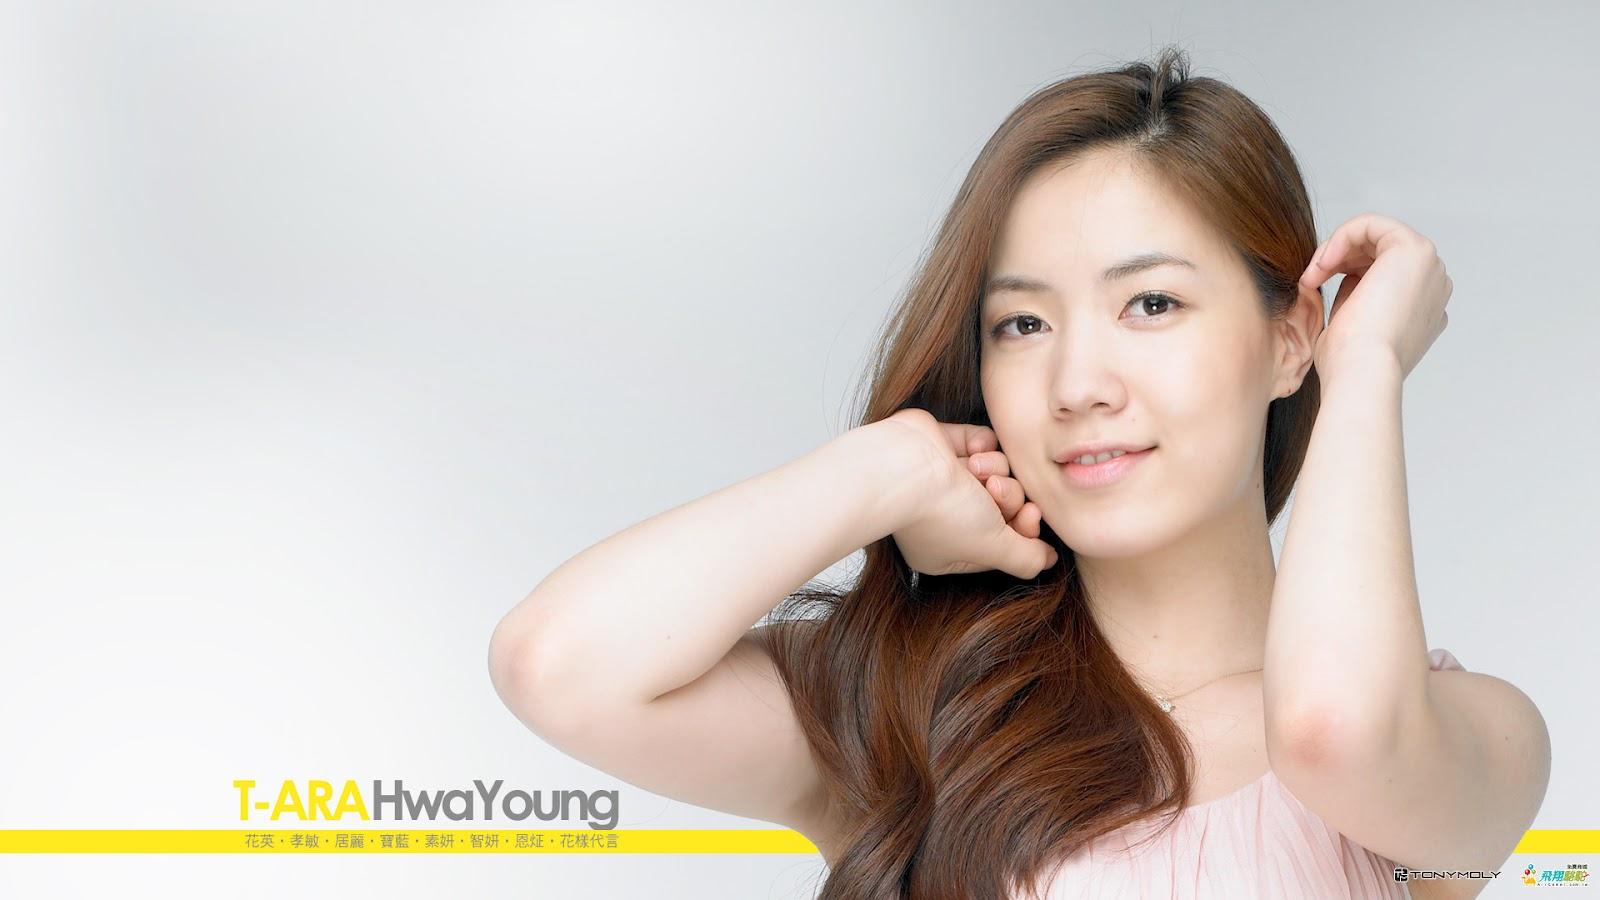 Foto Dan Profil Hwayoung